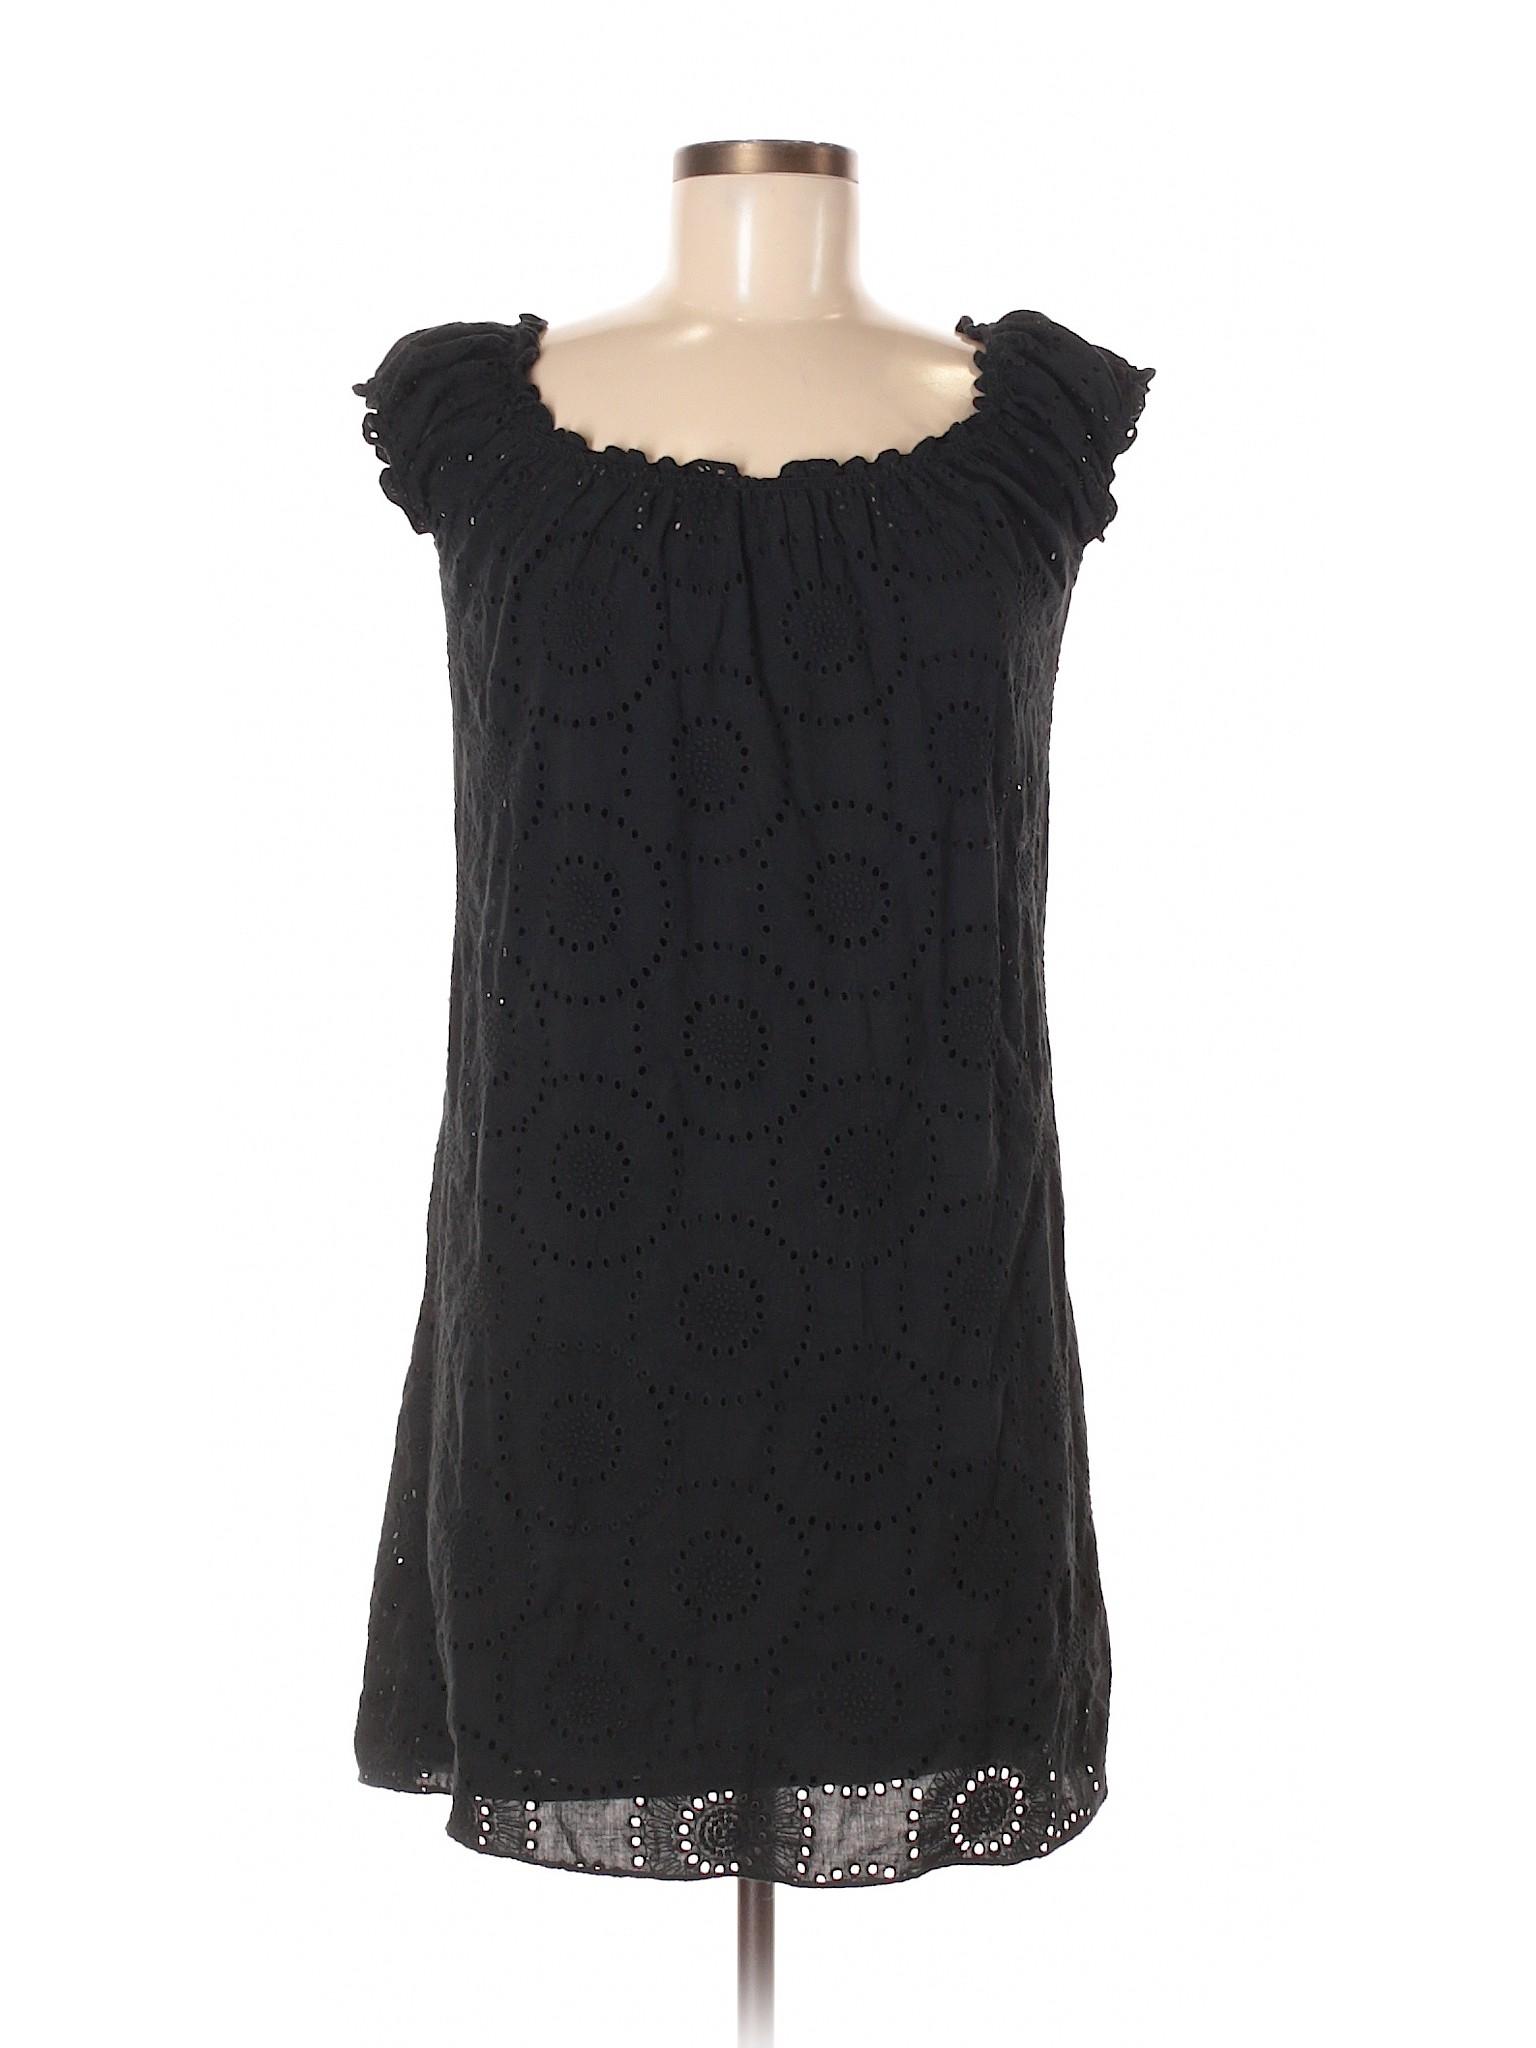 Boutique winter Dress Studio Max Casual rrdwSZ1qO